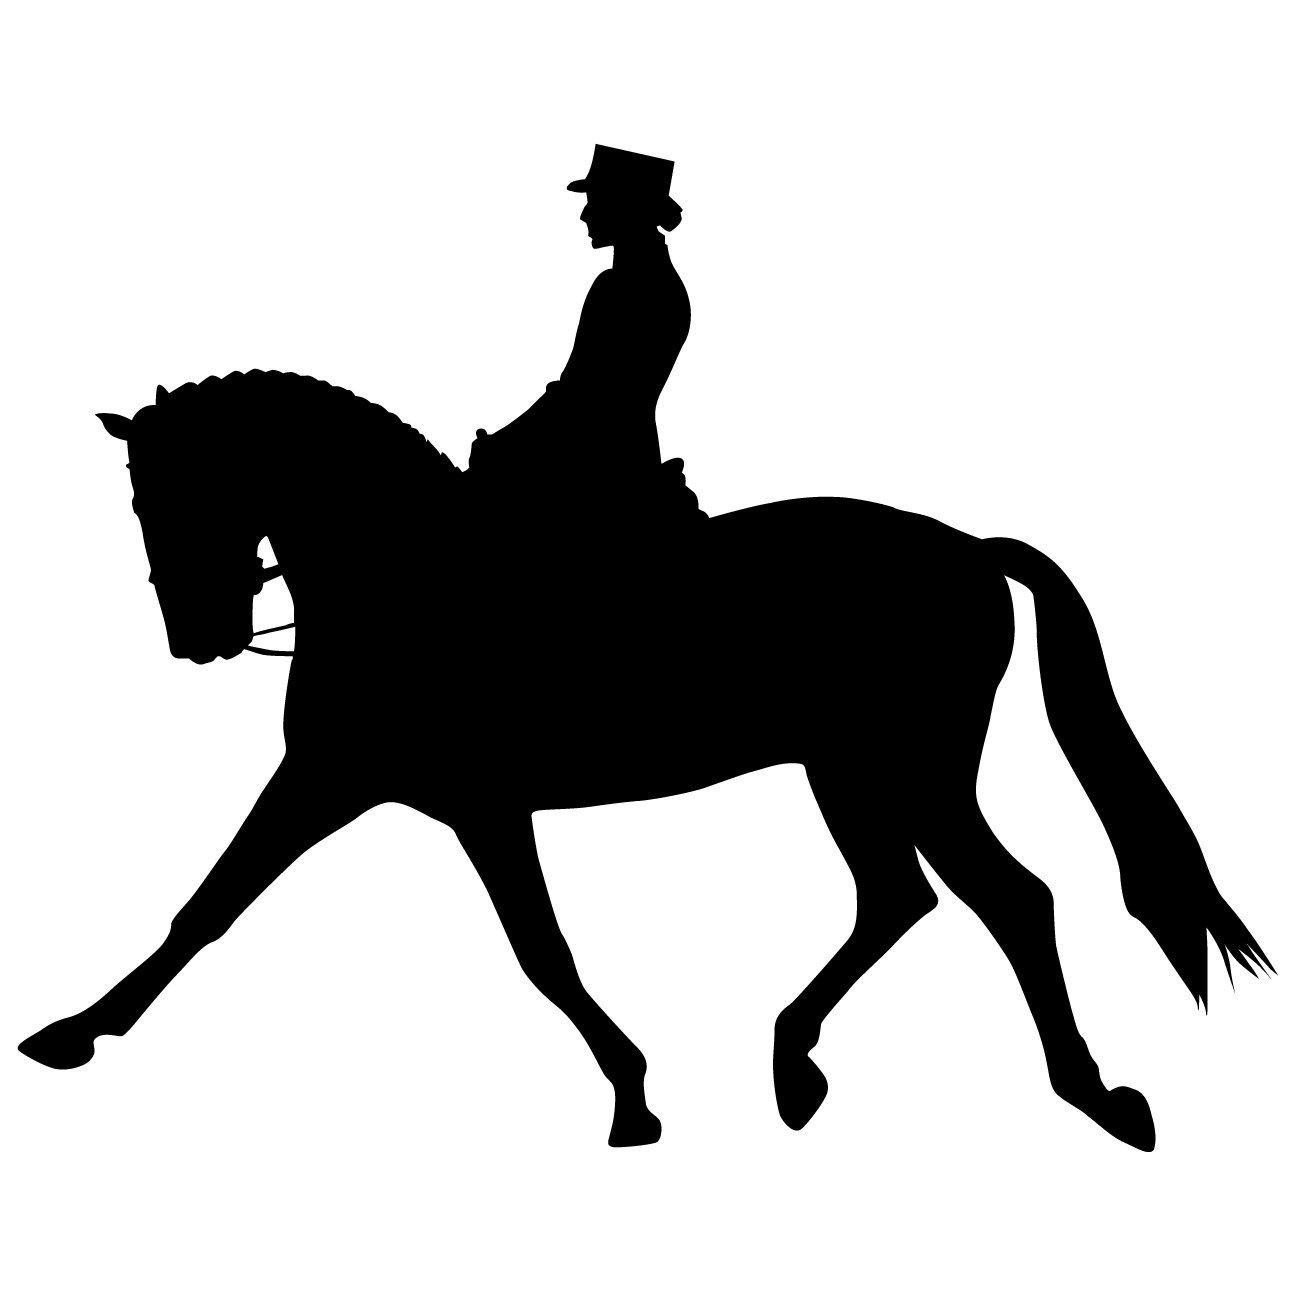 1296x1296 Cheap Kids Horse Riding Gear, Find Kids Horse Riding Gear Deals